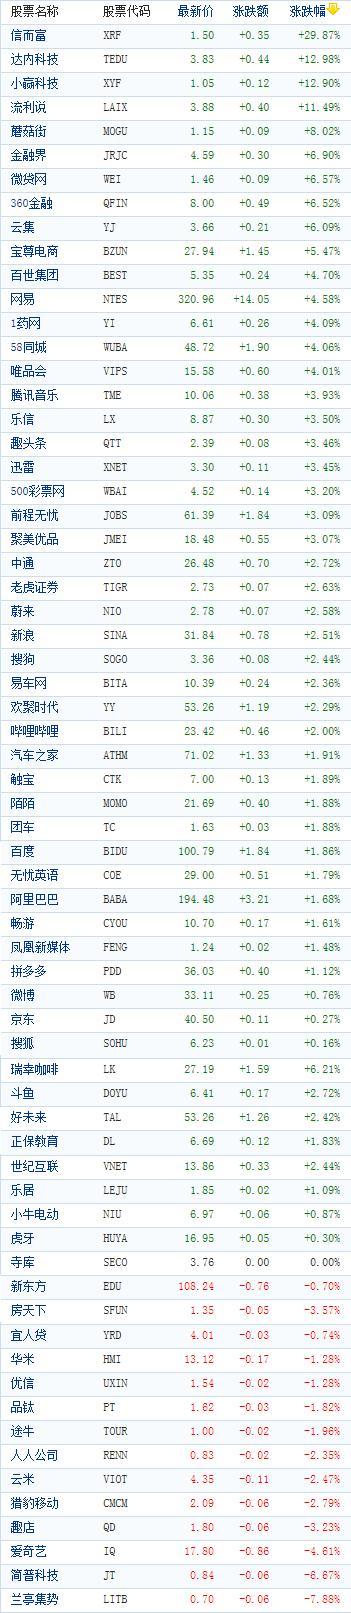 中国概念股周二收盘多数上涨 信而富飙涨近30%